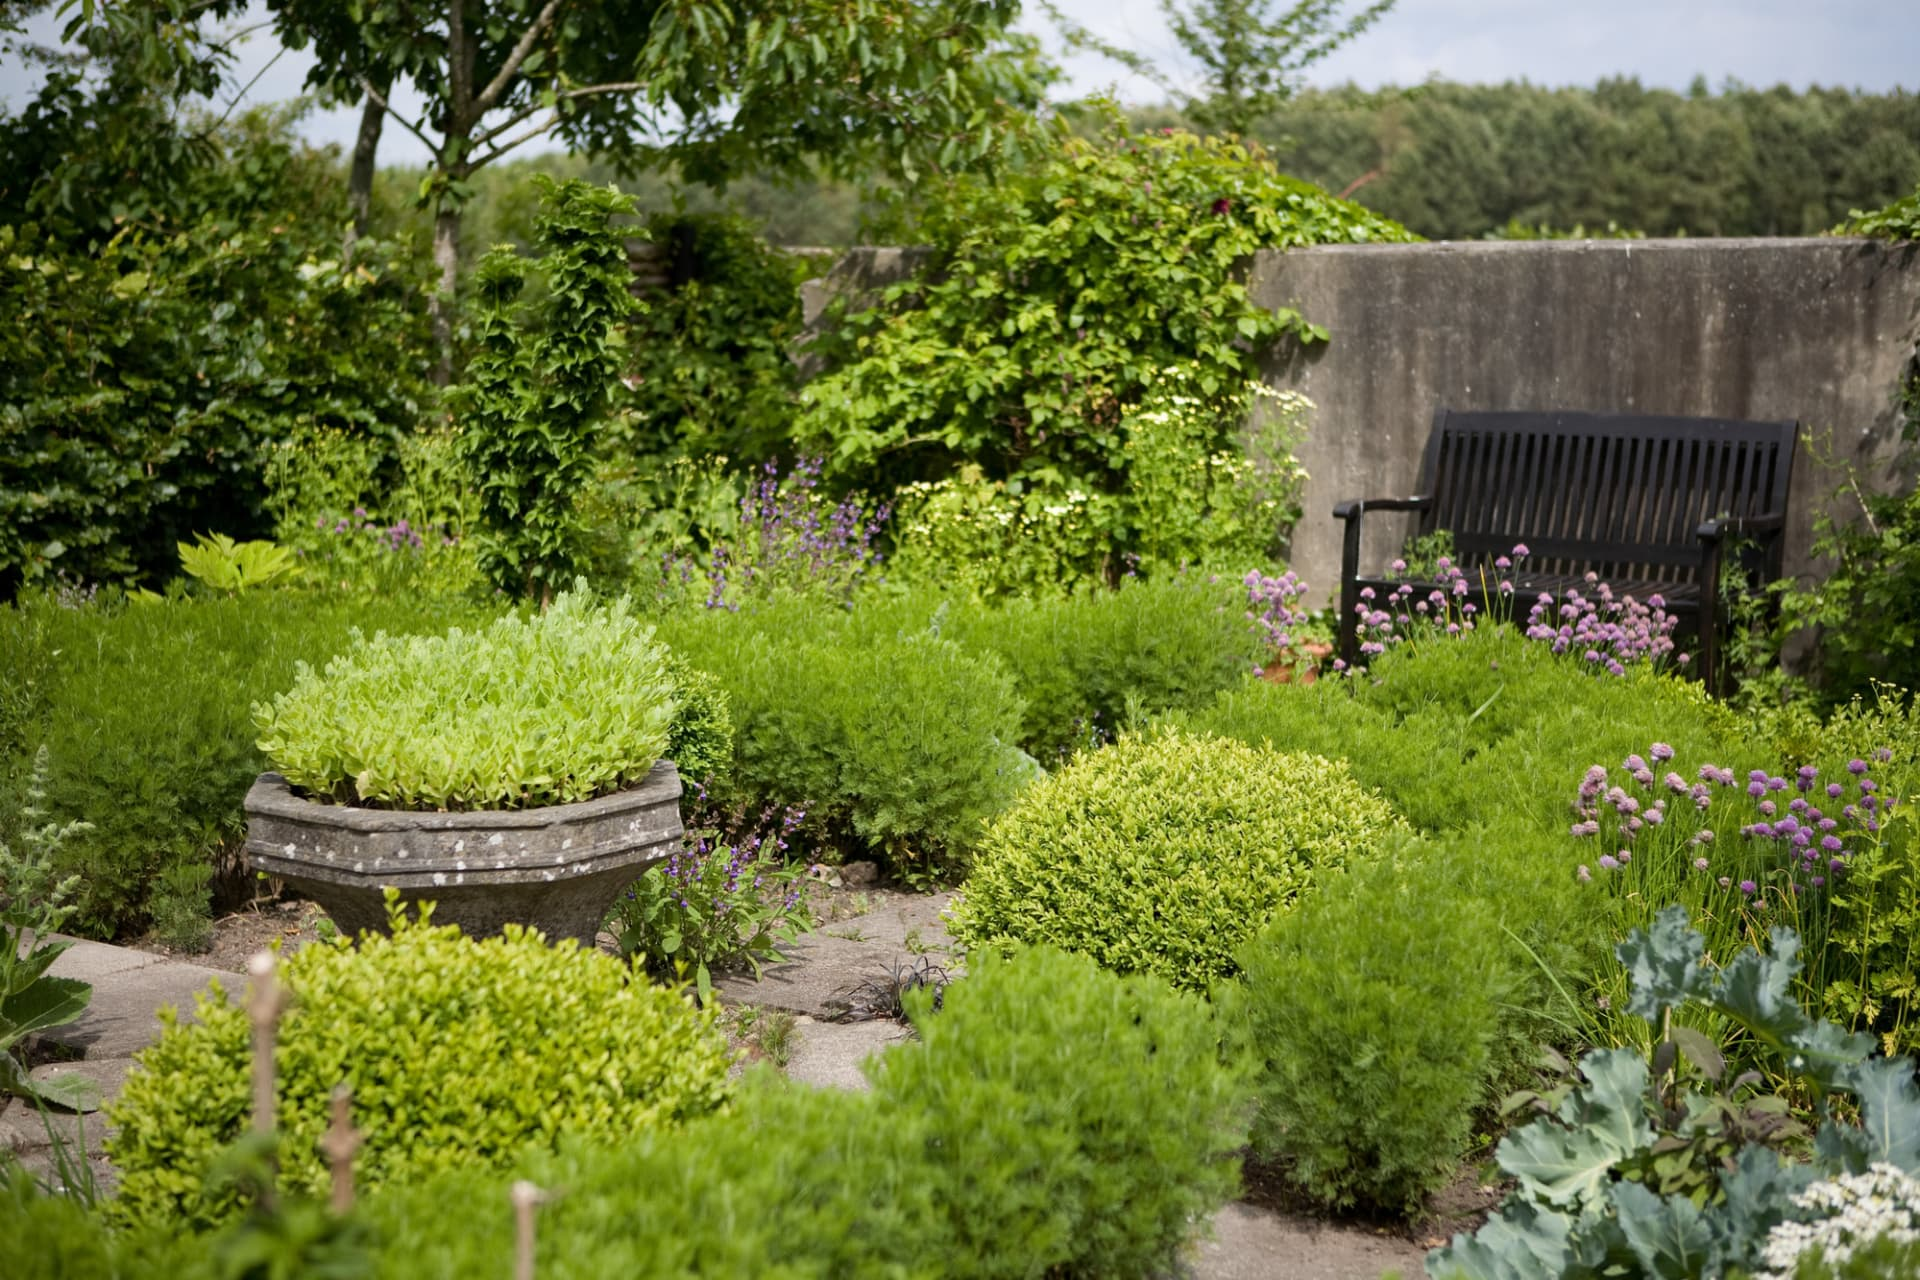 kryddträdgården, klippt buxbom, och klippt Ambra, artemisia abrotanum. En slags malört med smala starkt doftande blad. Kärleksört i den grå stenkrukan.